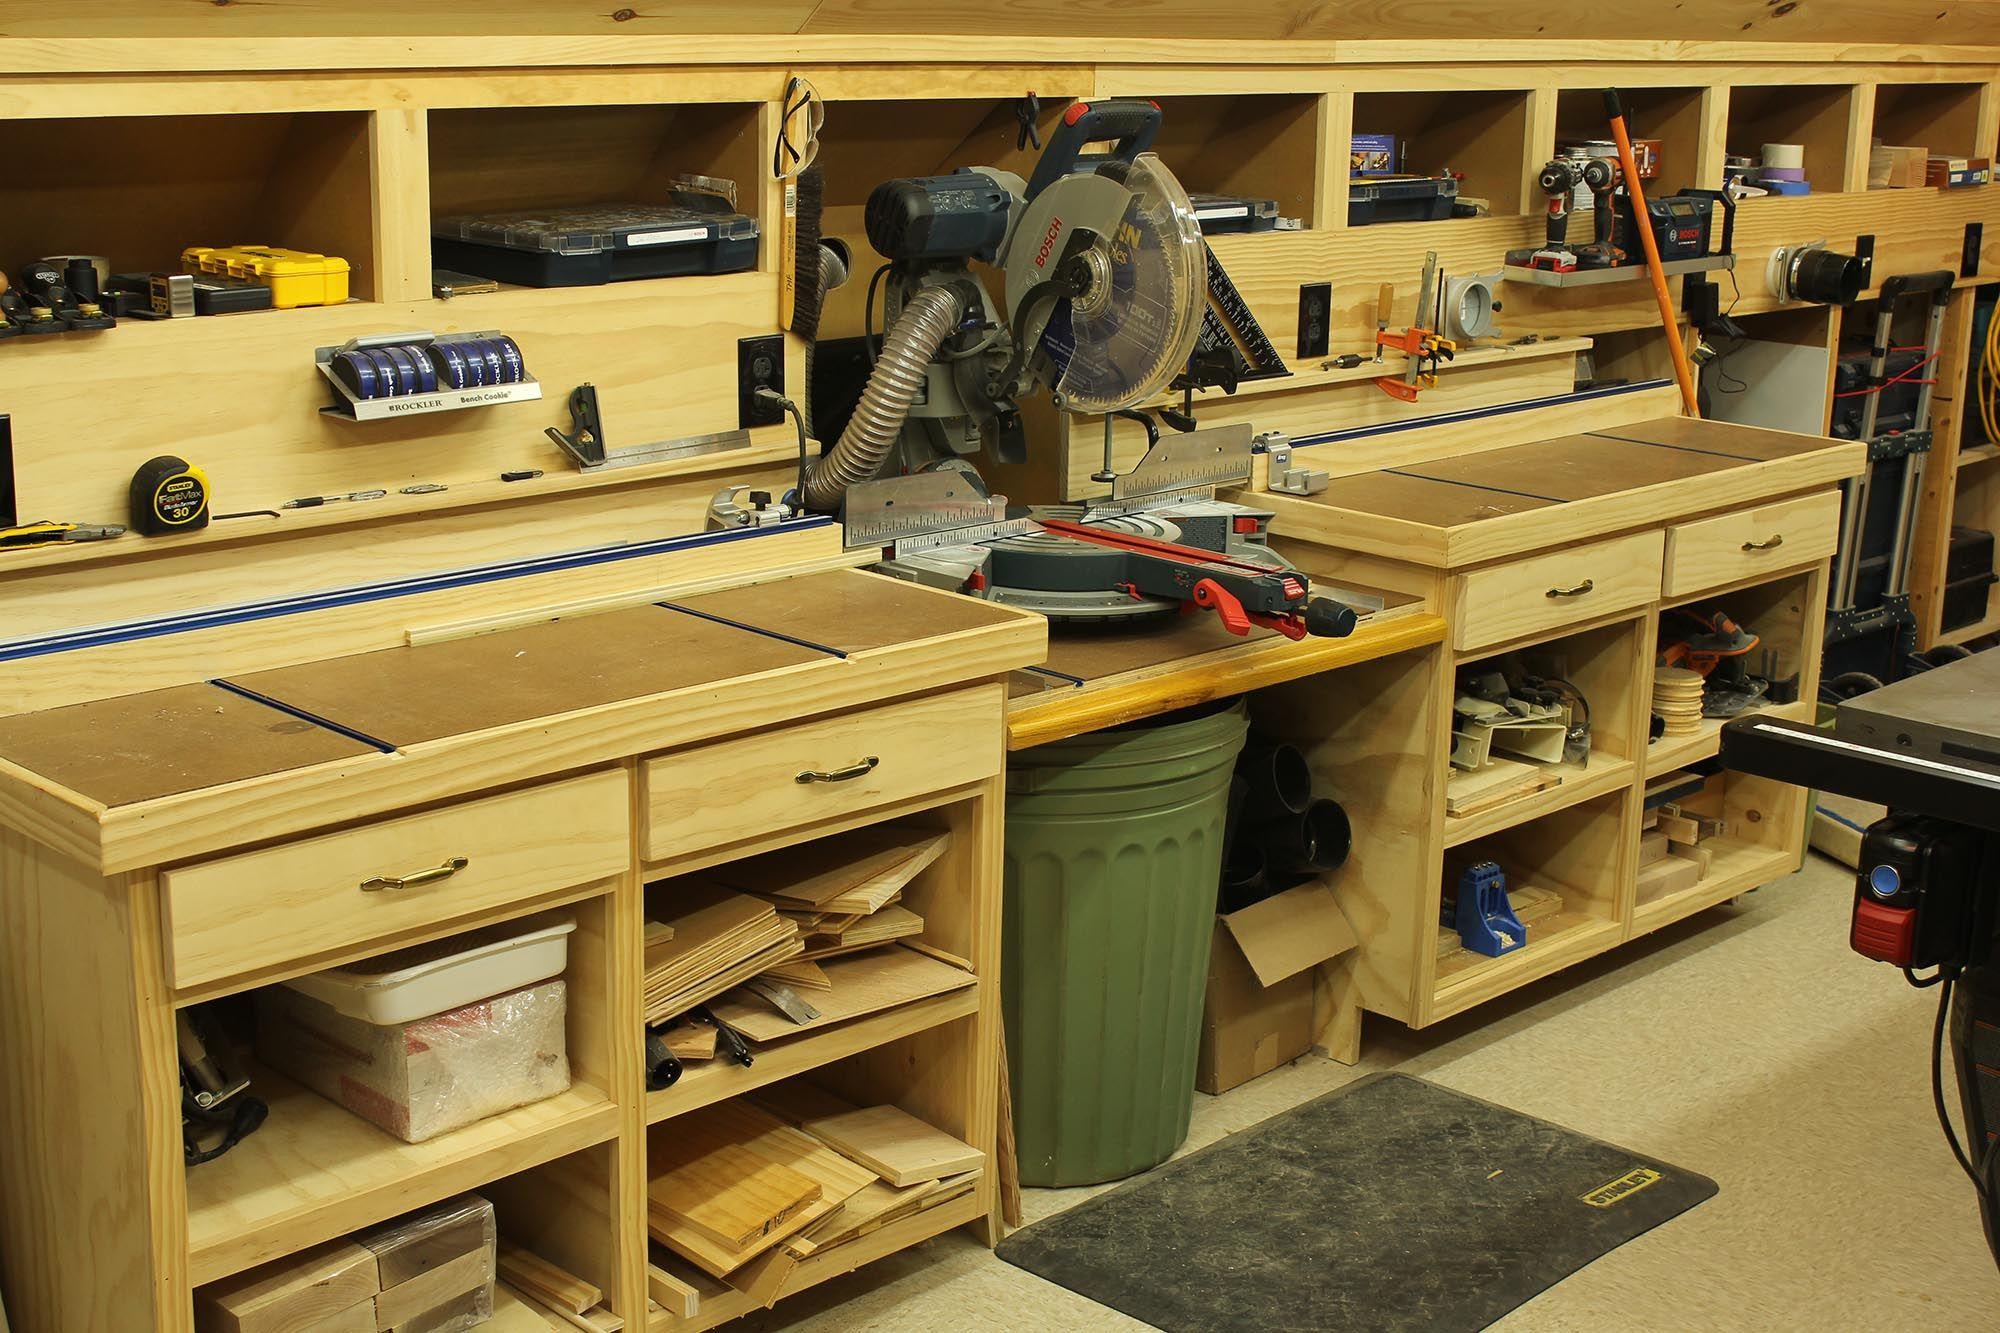 Woodshop Workshop 2nd Floor Of Garage Woodworking Shop Layout Shop Layout Wood Shop